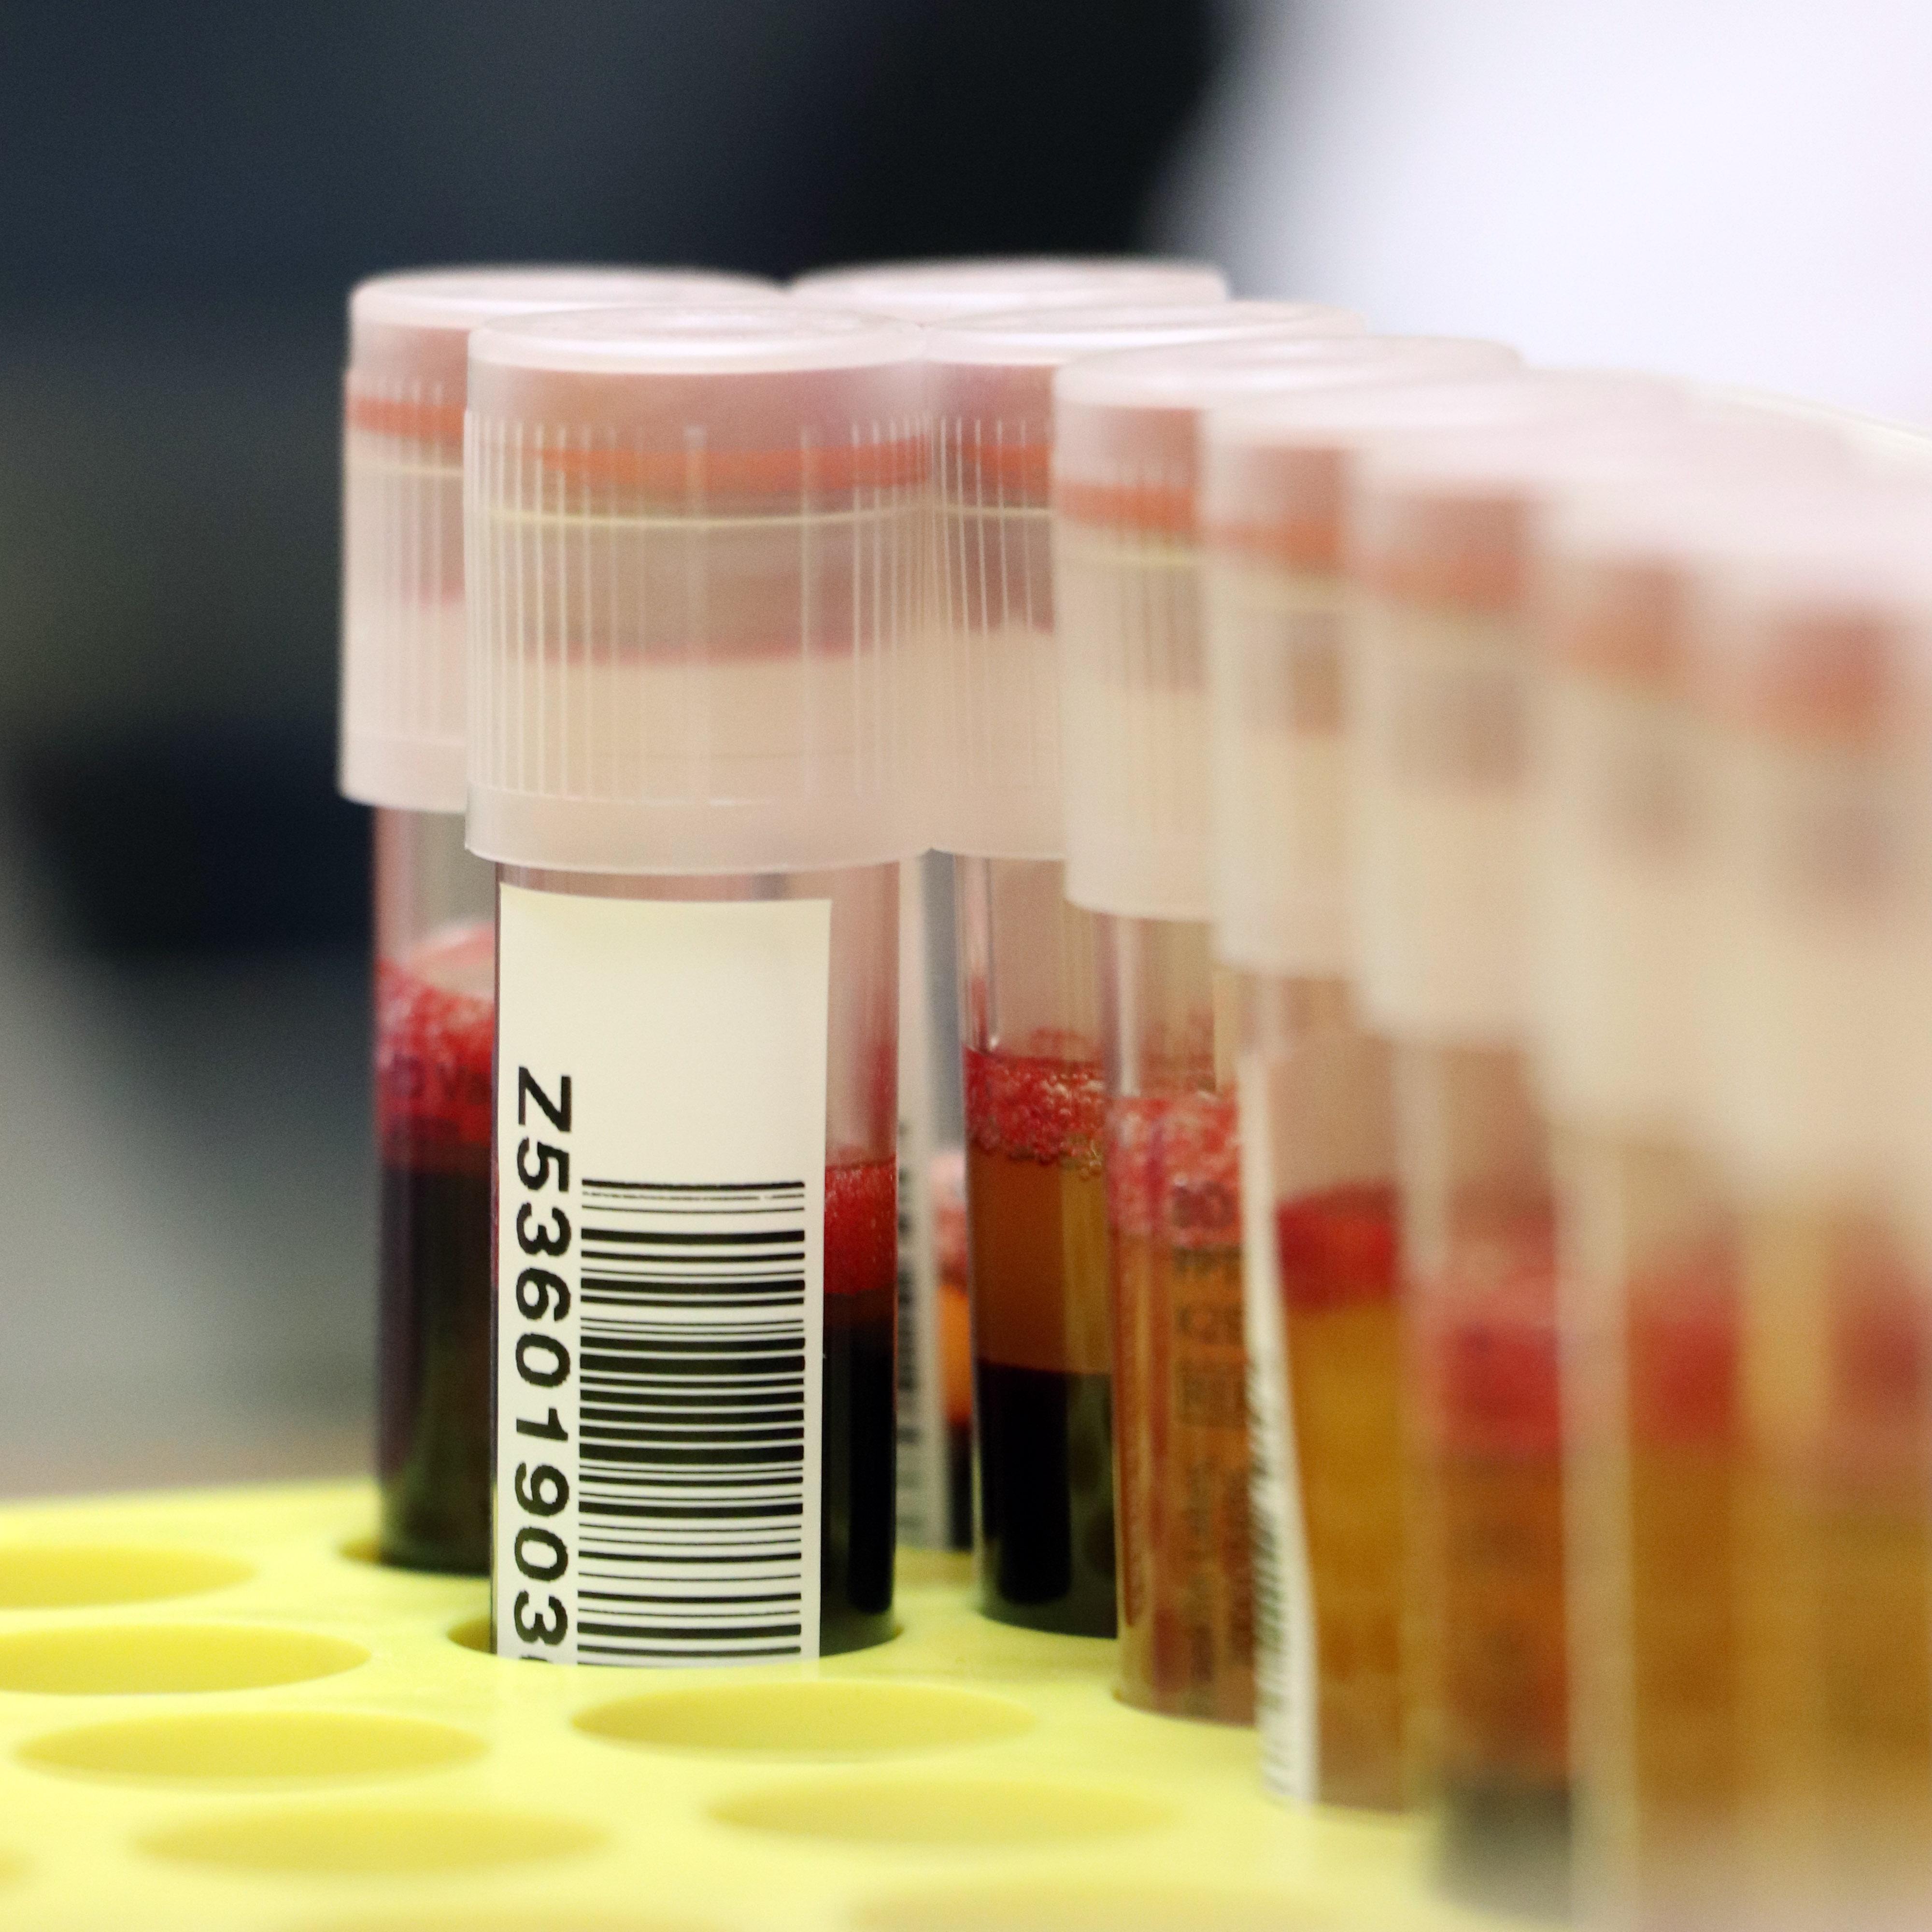 Impel stara się mobilizować swoich pracowników do oddawania krwi także w komunikacji wewnętrznej. (fot. Impel/materiały prasowe)